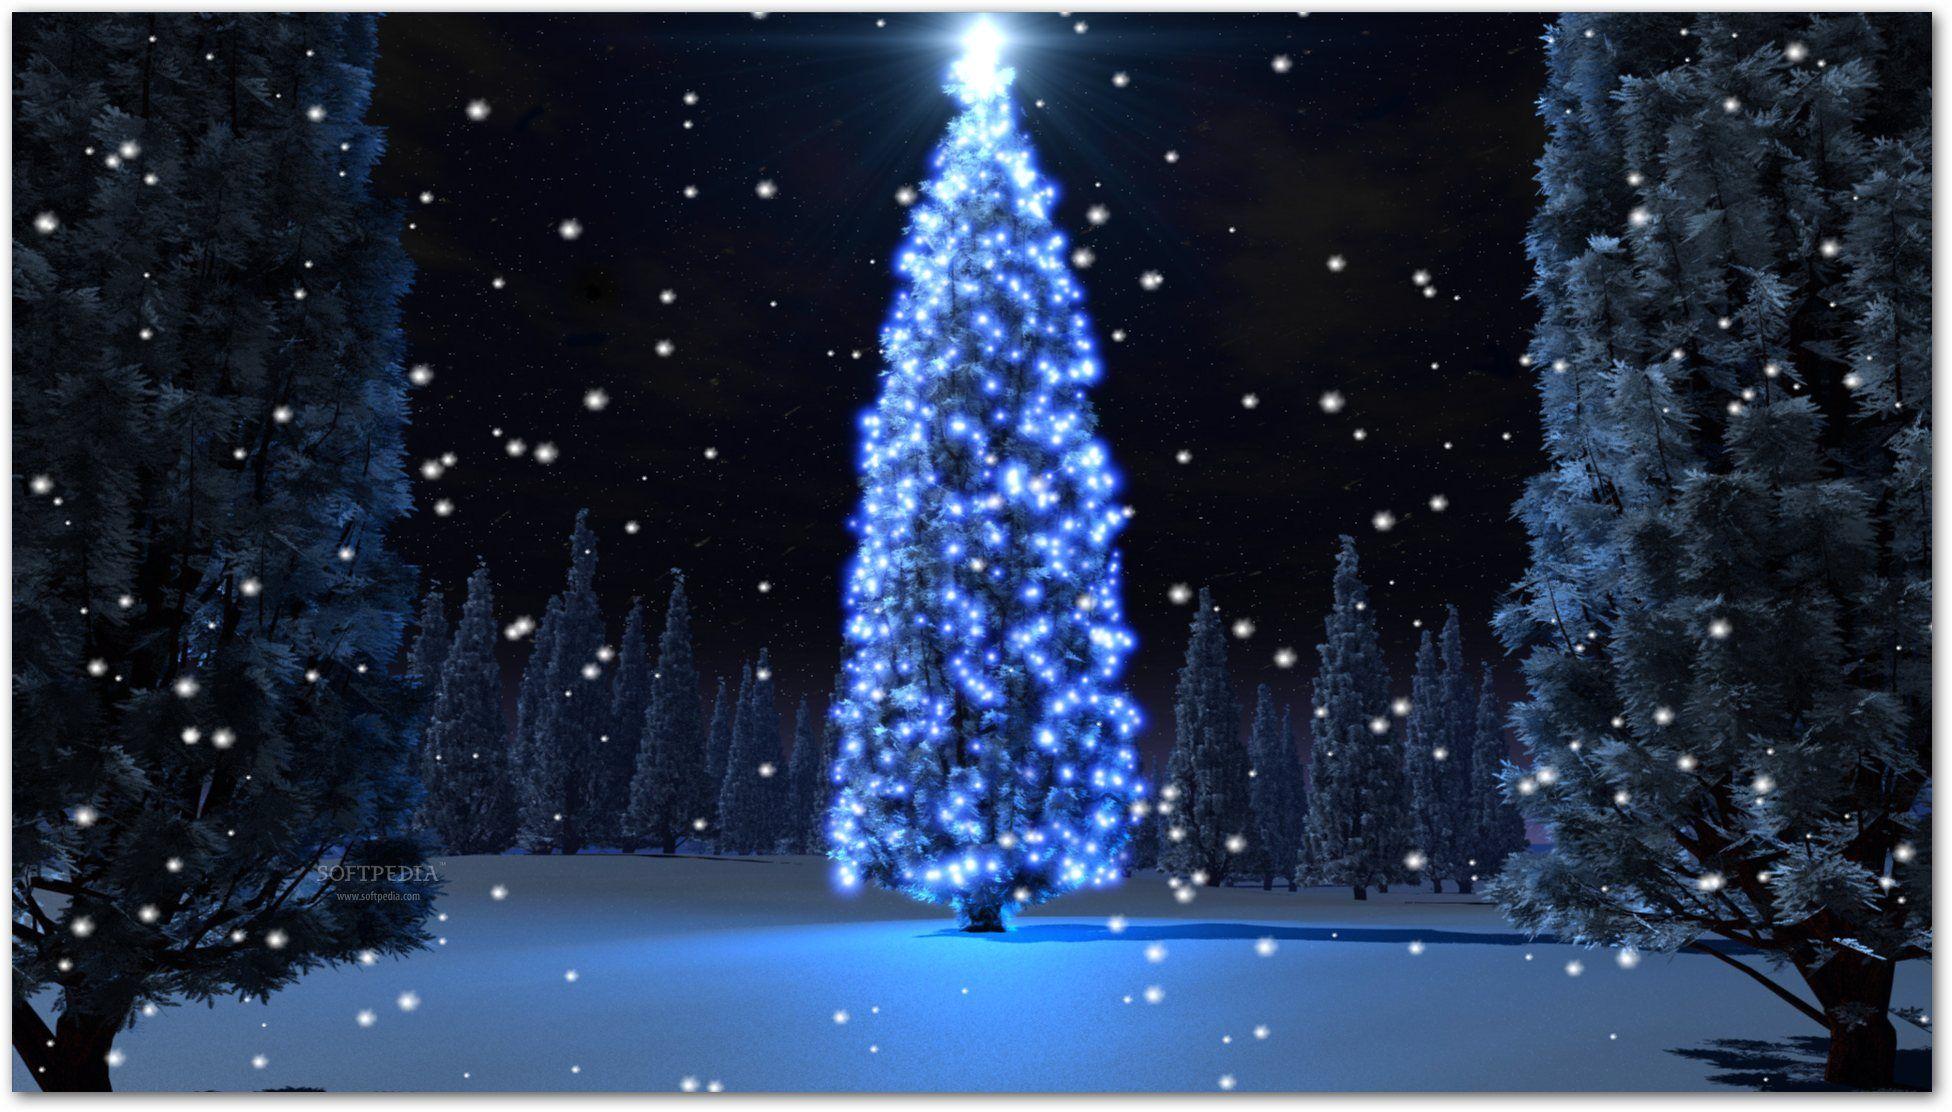 Christmas Countdown Screen Savers.Christmas Countdown Screensaver Christmas Countdown